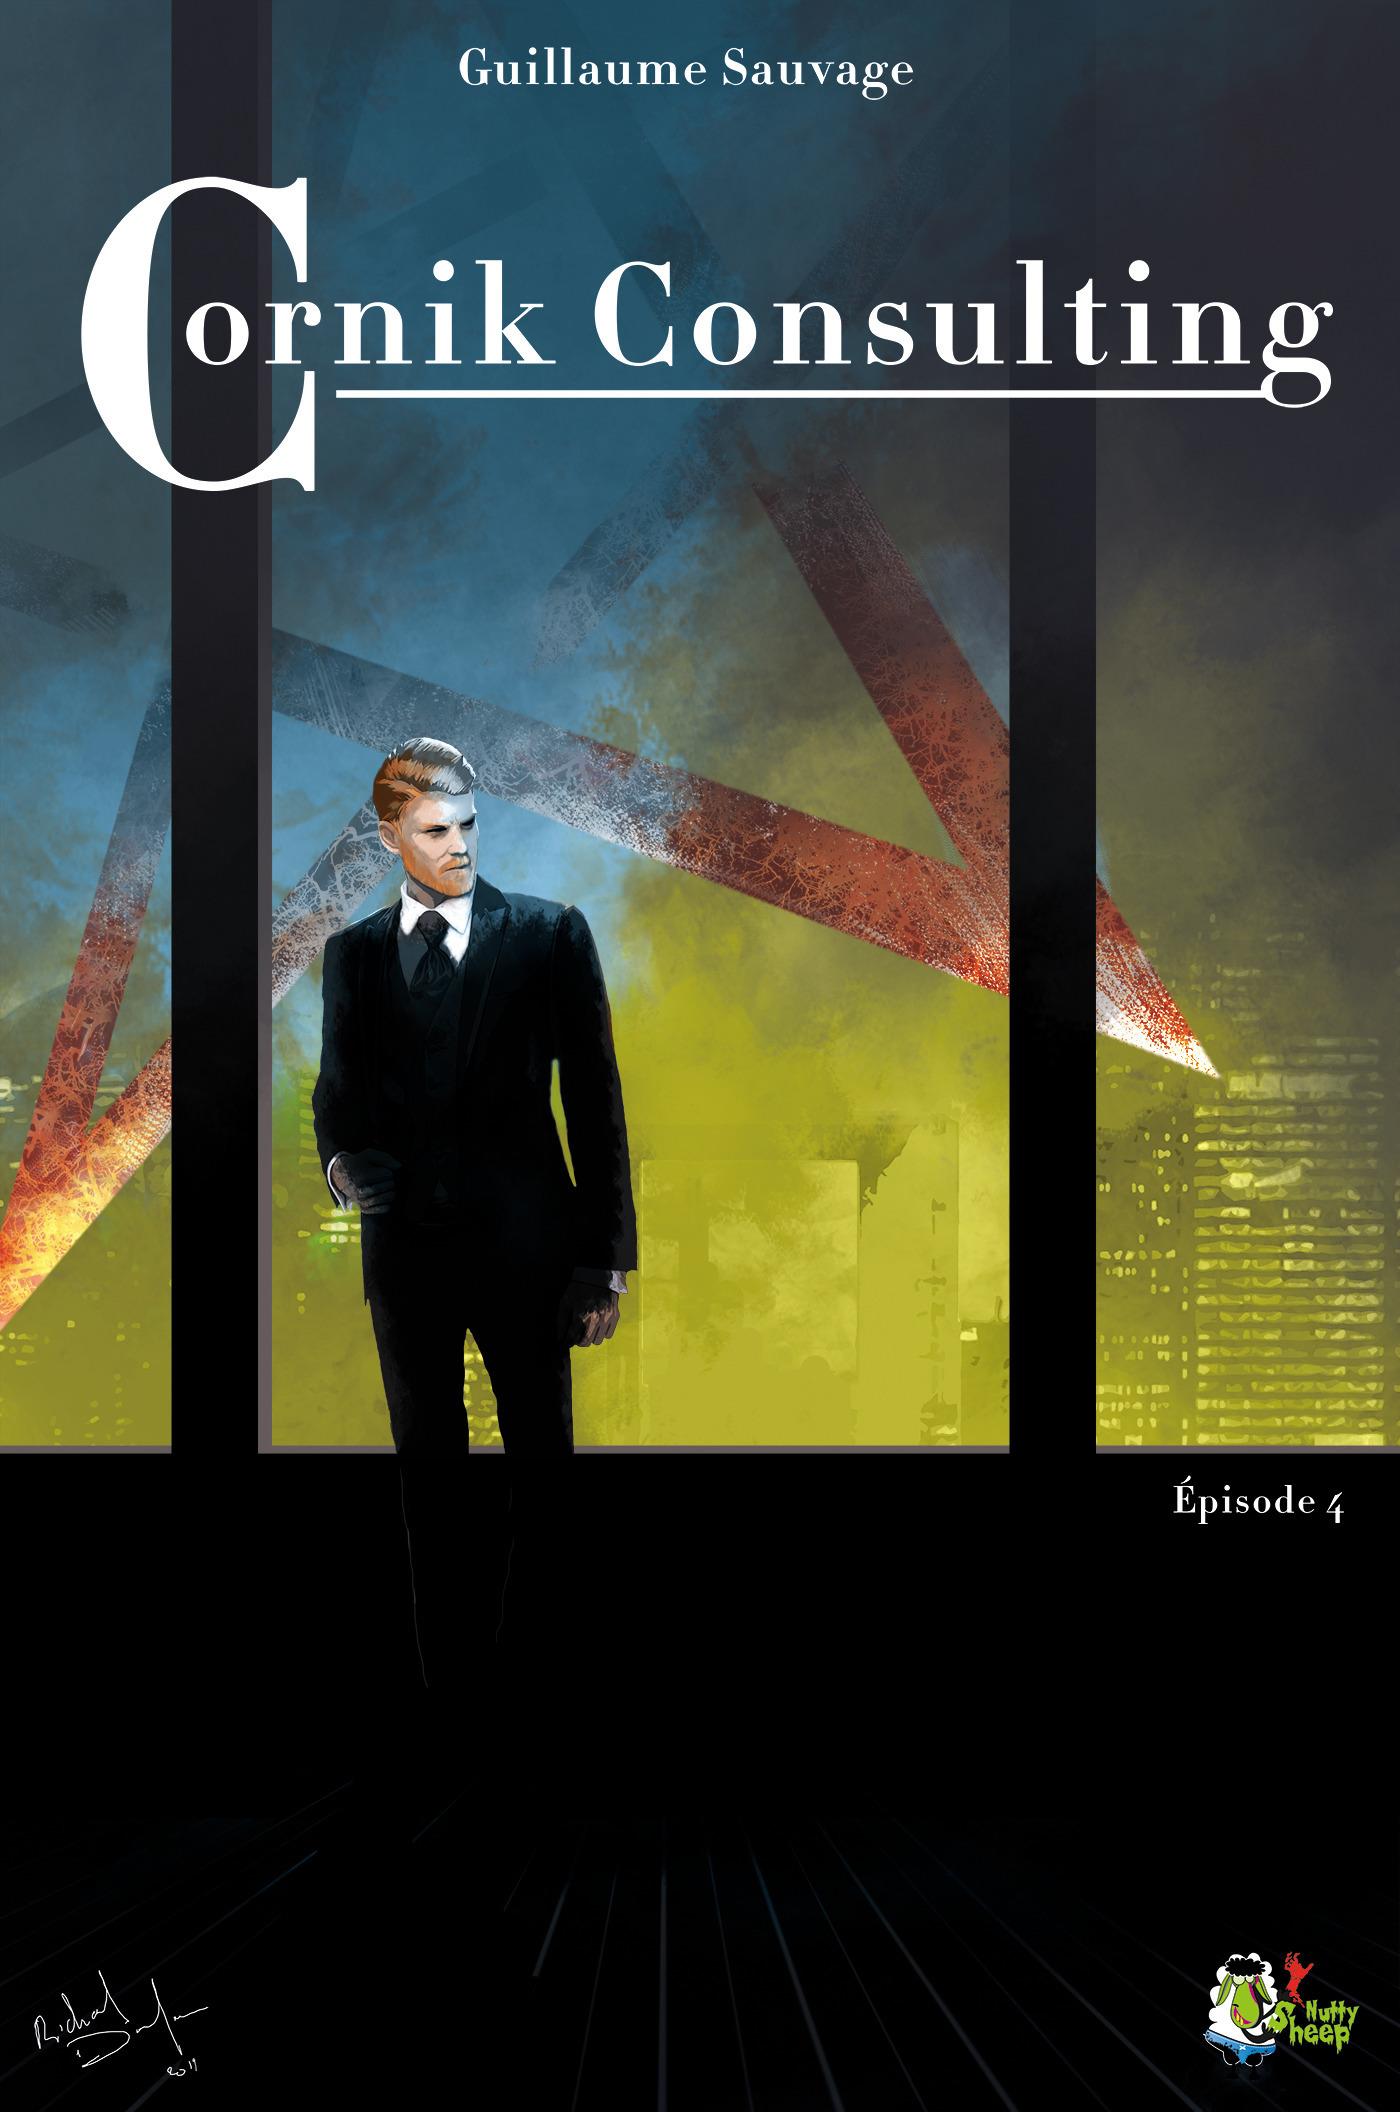 Cornik Consulting, épisode 4